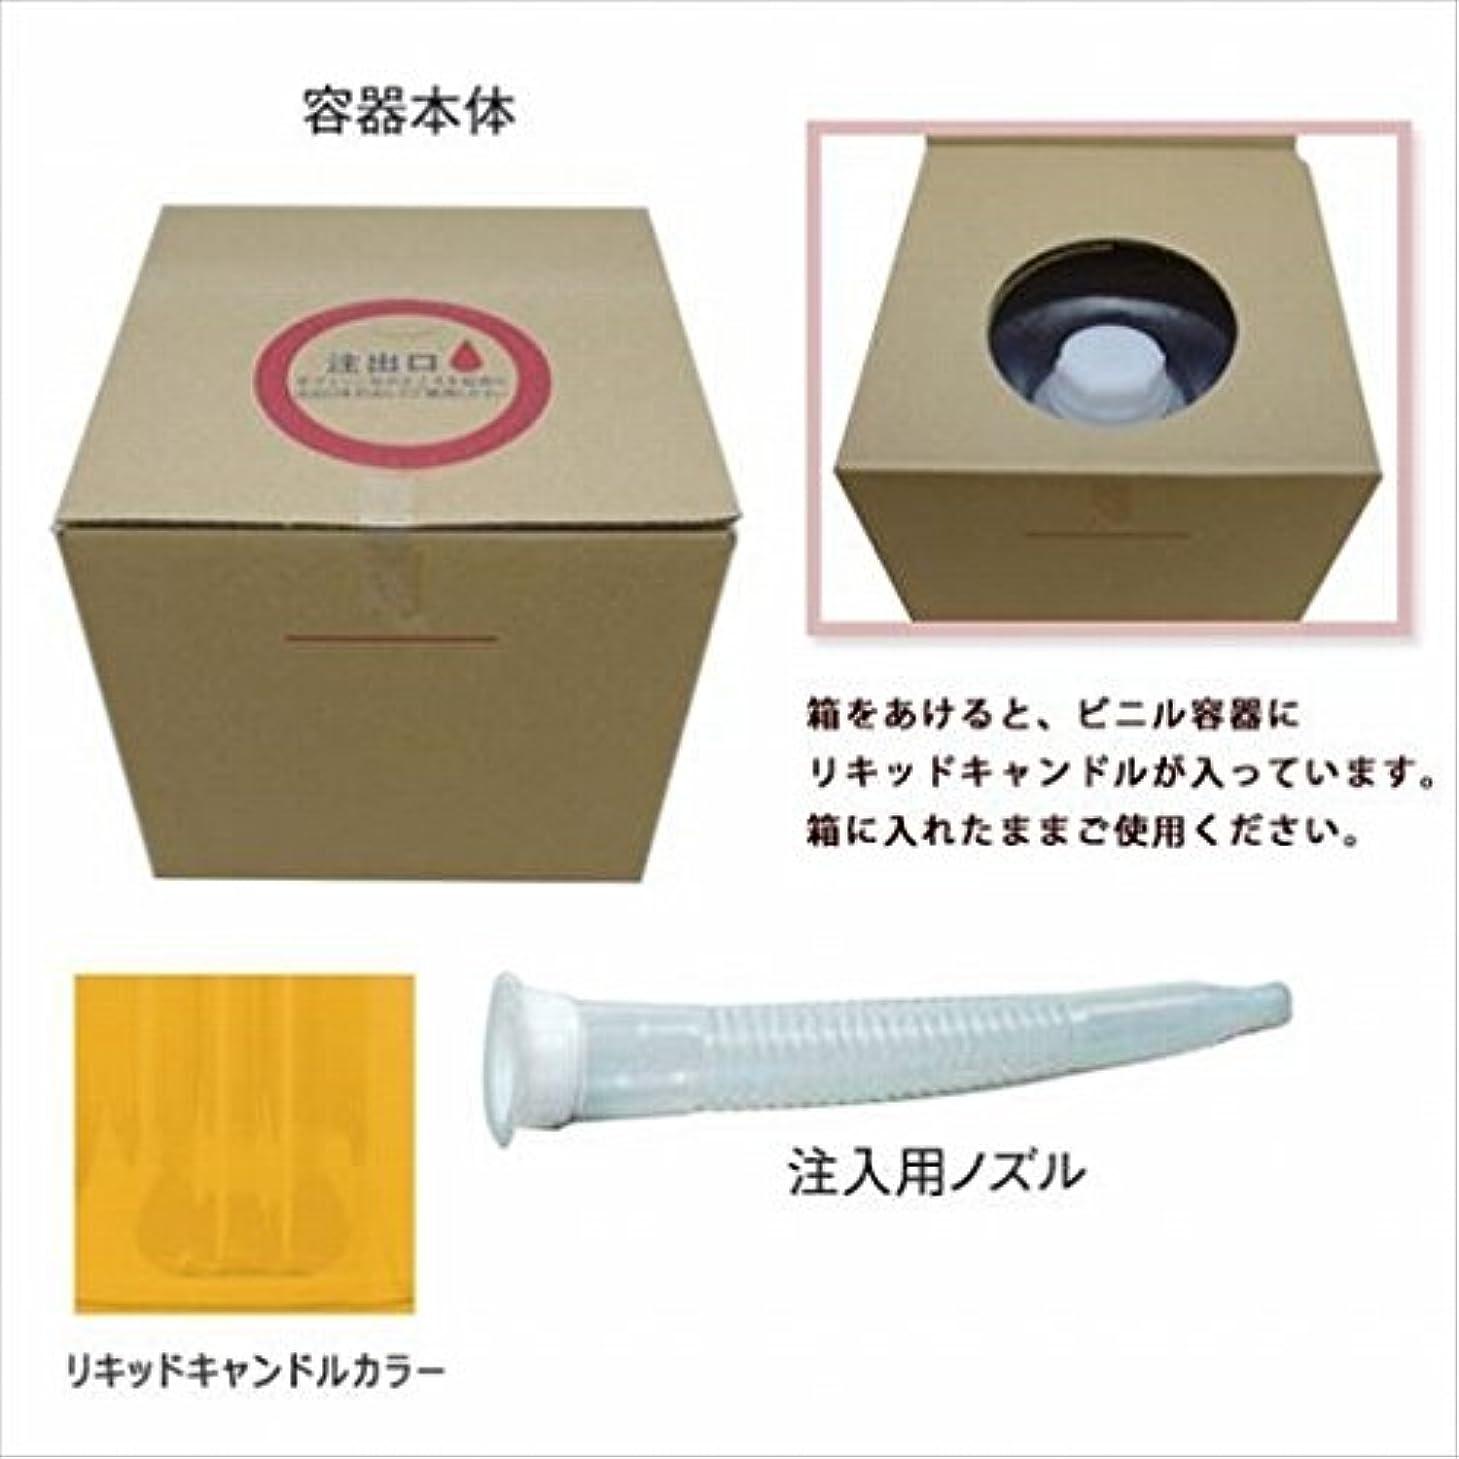 雑品スカープ広がりカメヤマキャンドル(kameyama candle) リキッドキャンドル5リットル 「 イエロー 」